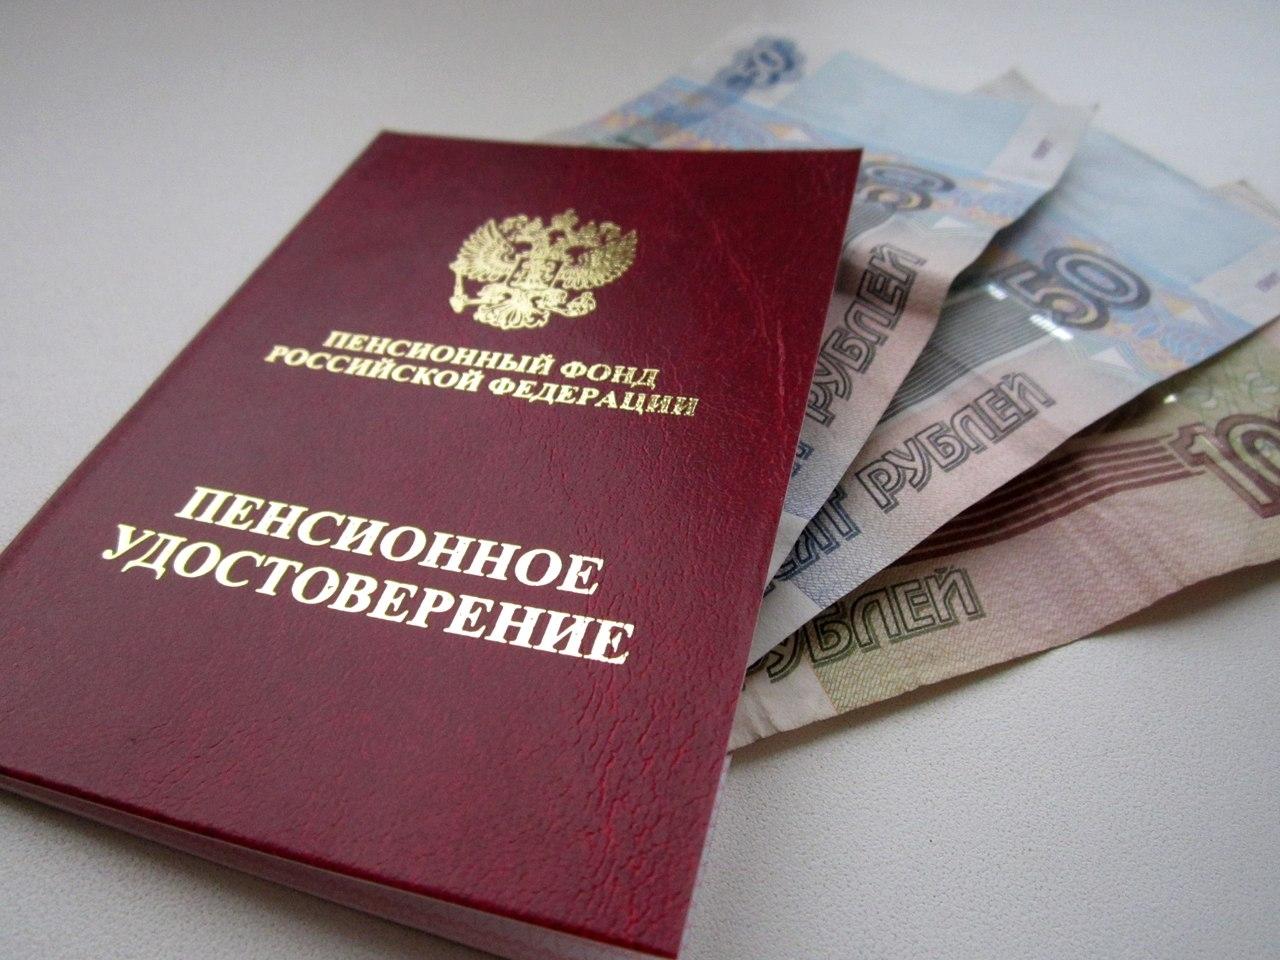 Татьяна Петрухина: «Пенсионную реформу нужно проводить с учетом мнений регионов»